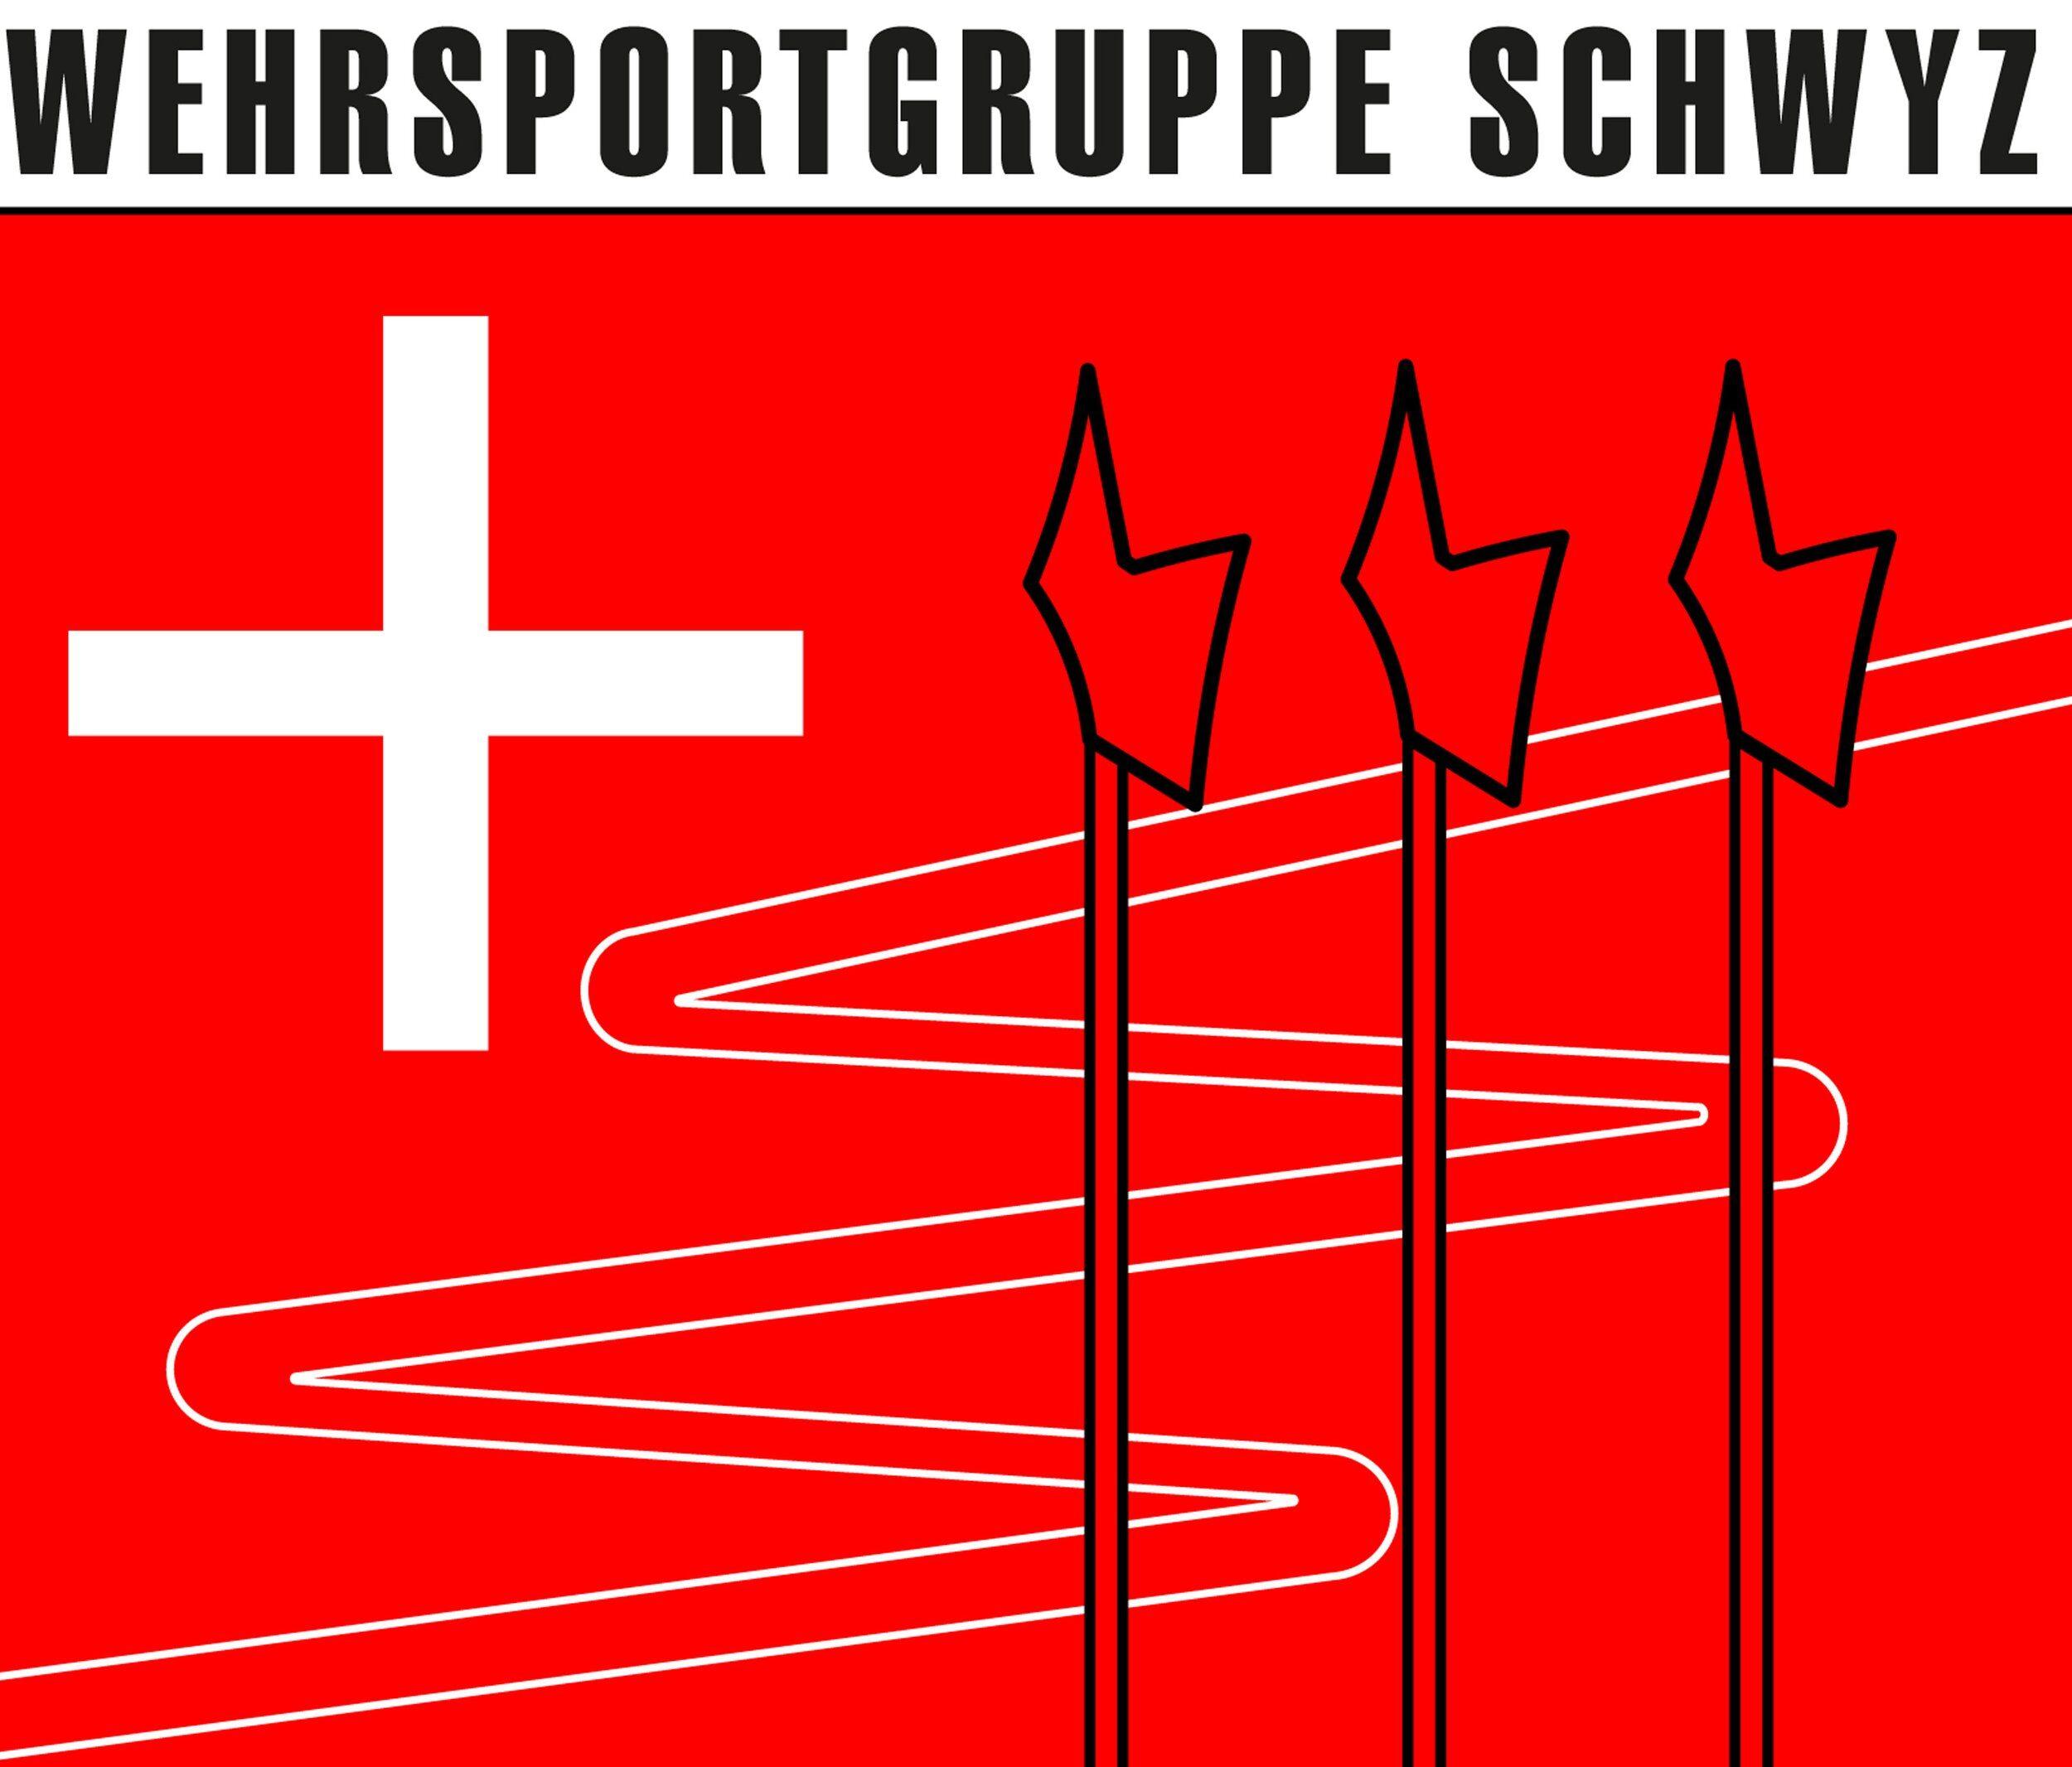 WSG Schwyz